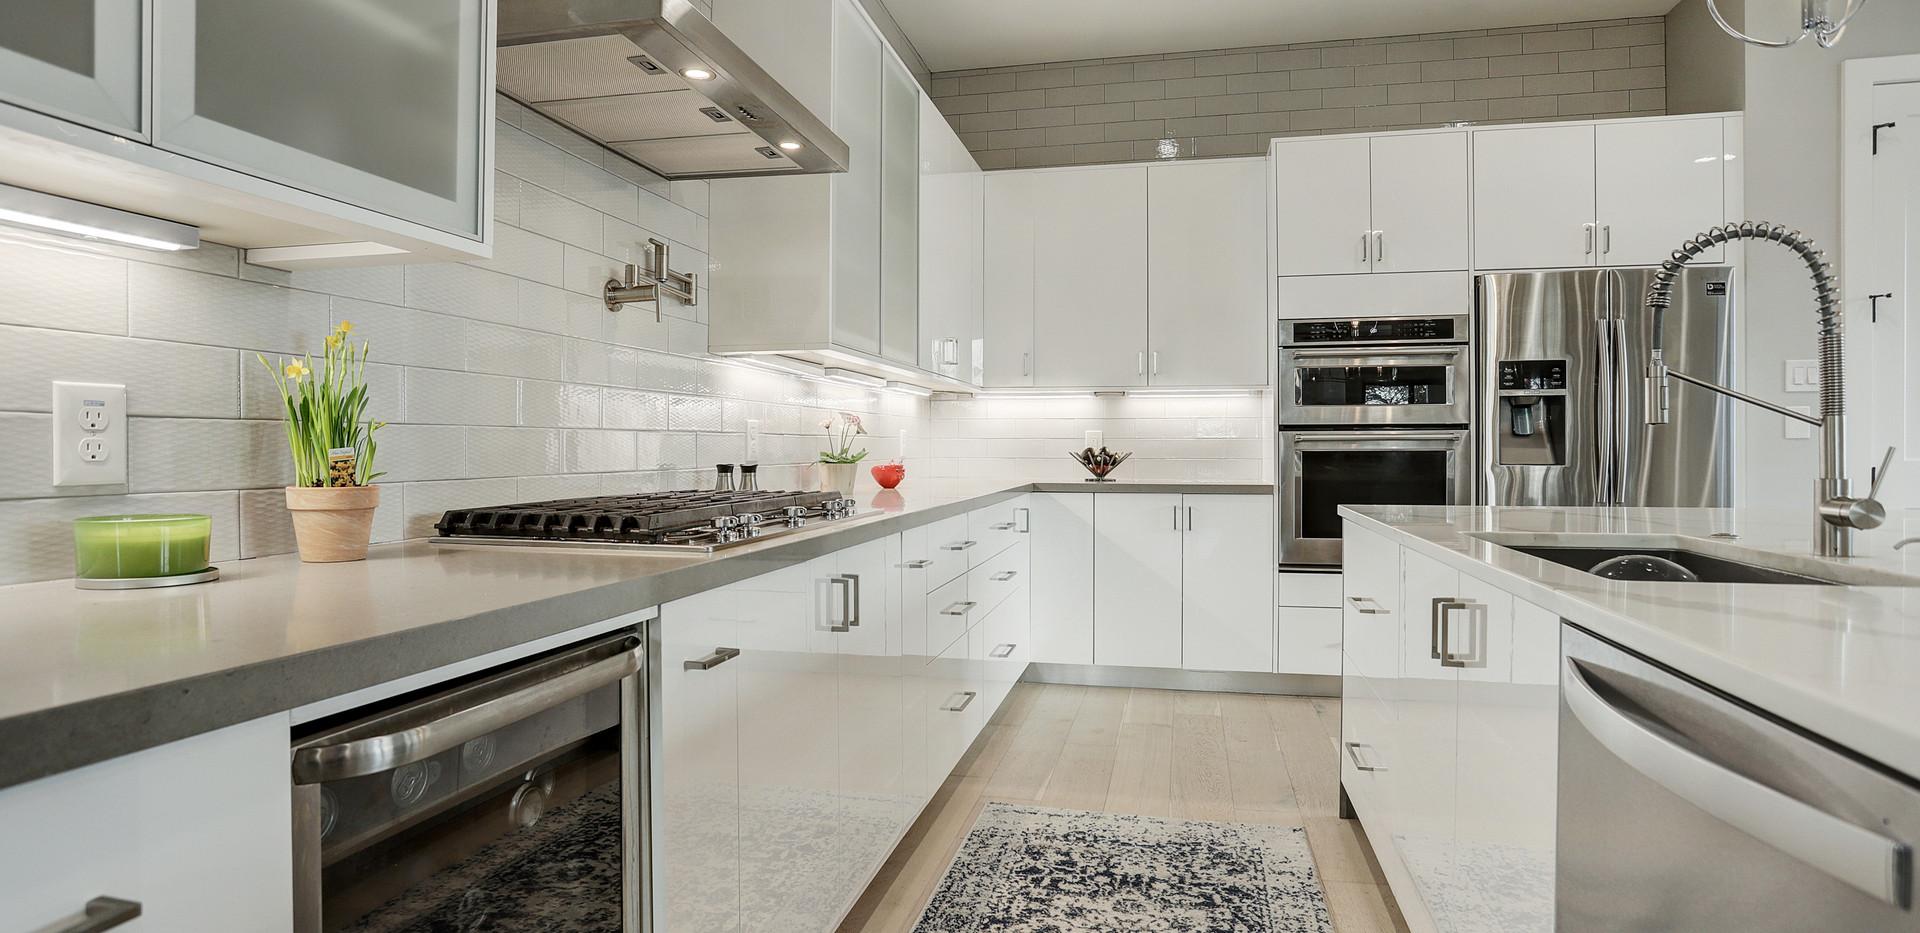 Cedarhurst Kitchen High Res.jpg